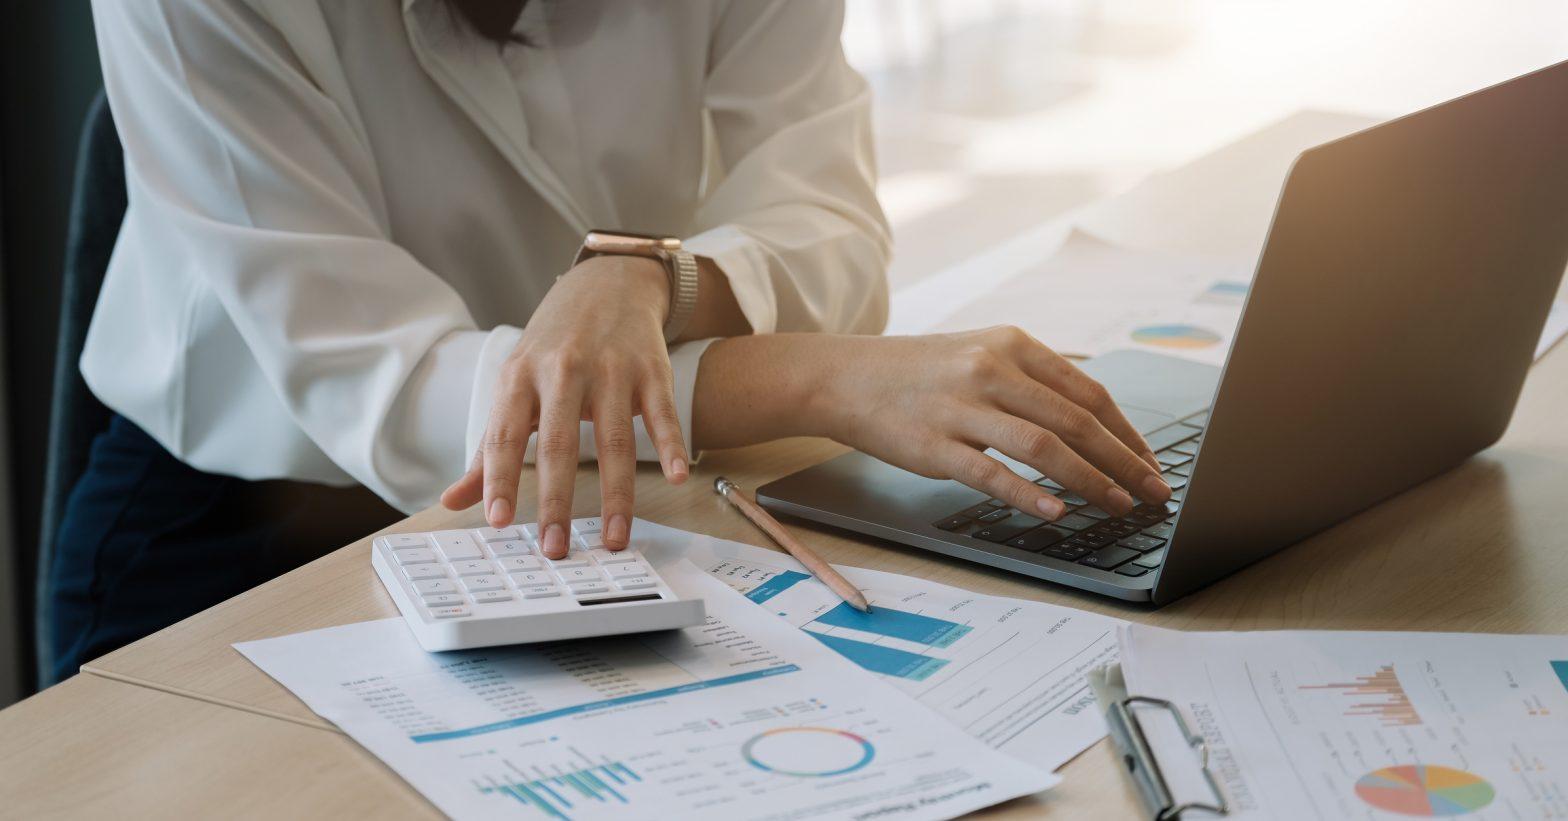 Refinansiering med sikkerhet når man har betalingsanmerkninger